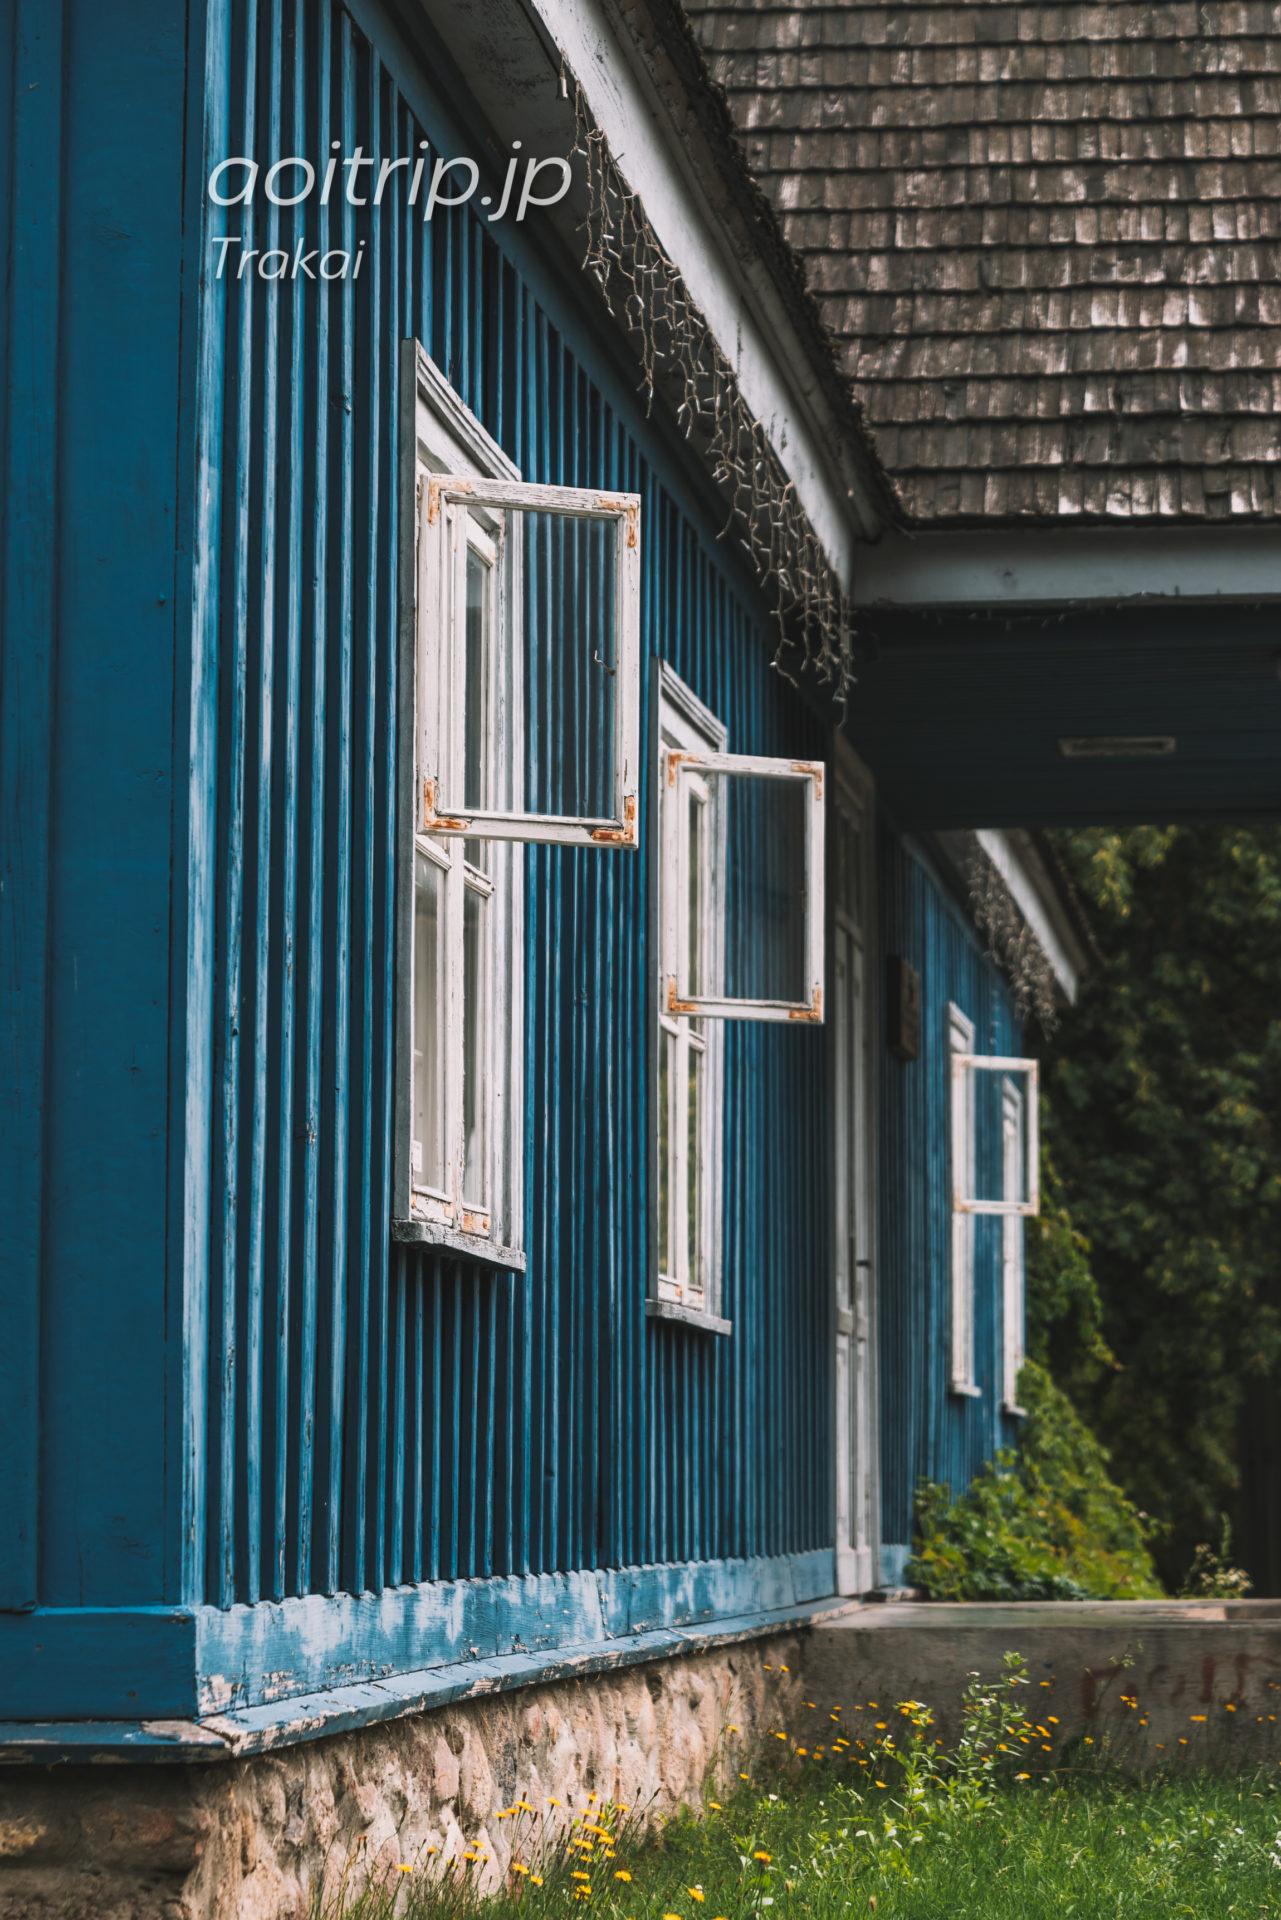 リトアニアのトゥラカイ Former Russian Imperial Post Office(19th c.)